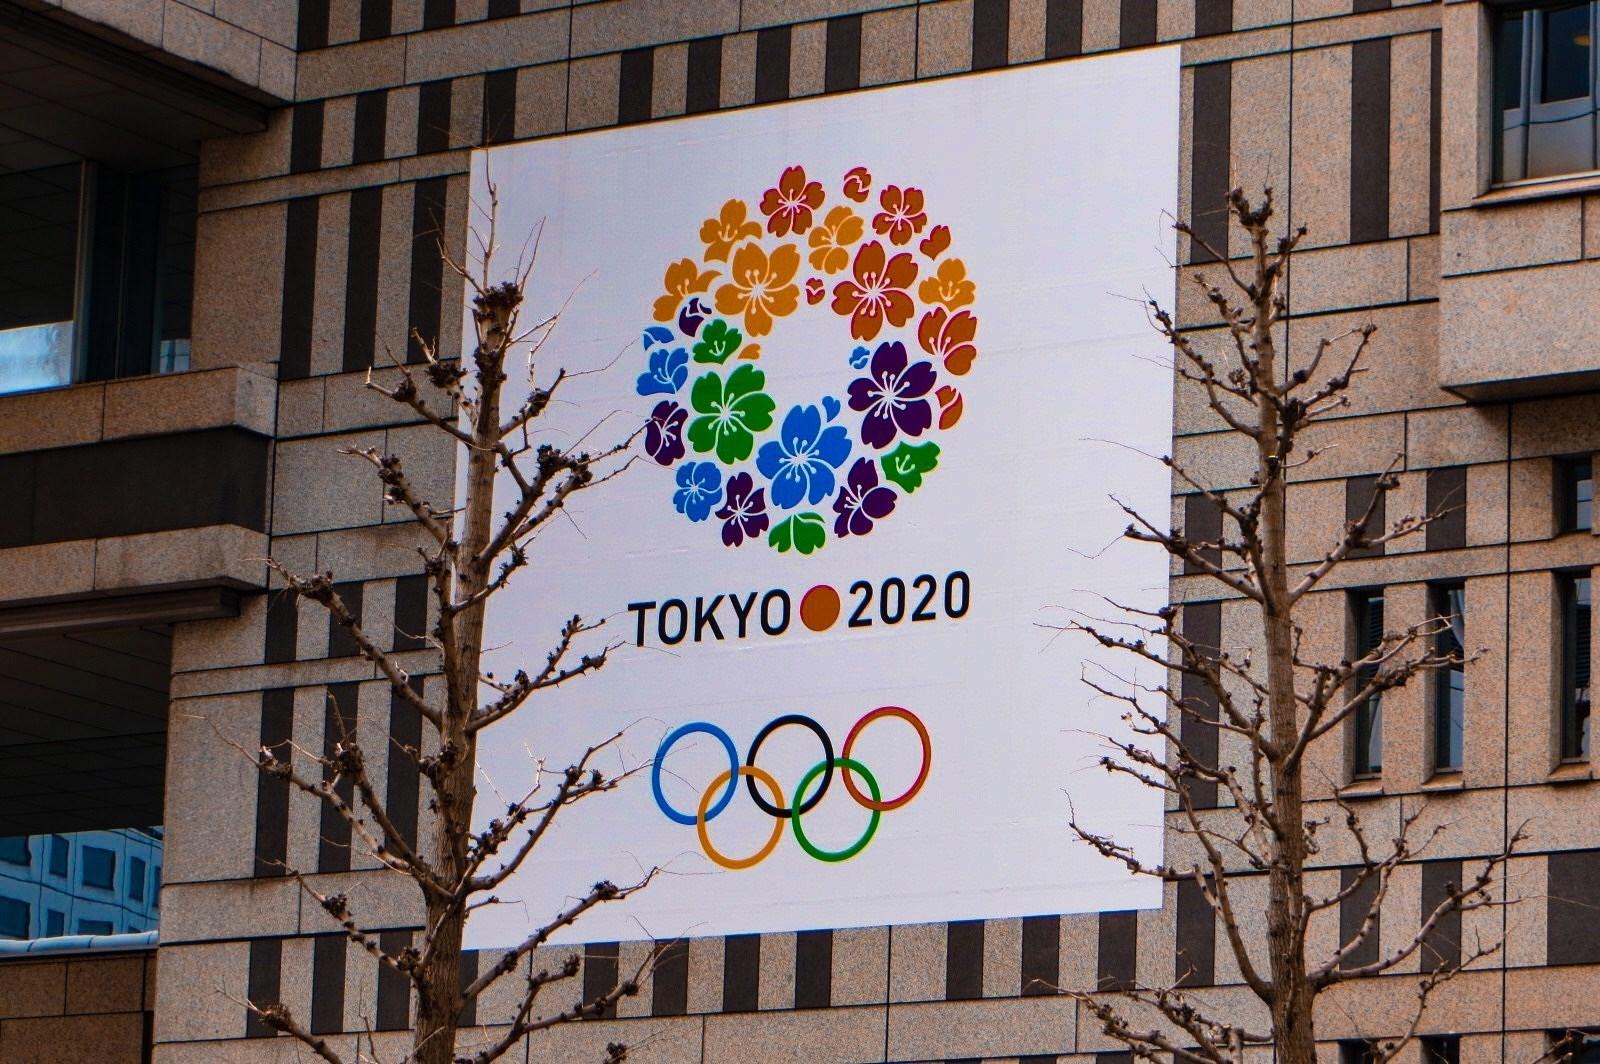 هذا الموعد الجديد لأولمبياد طوكيو؟